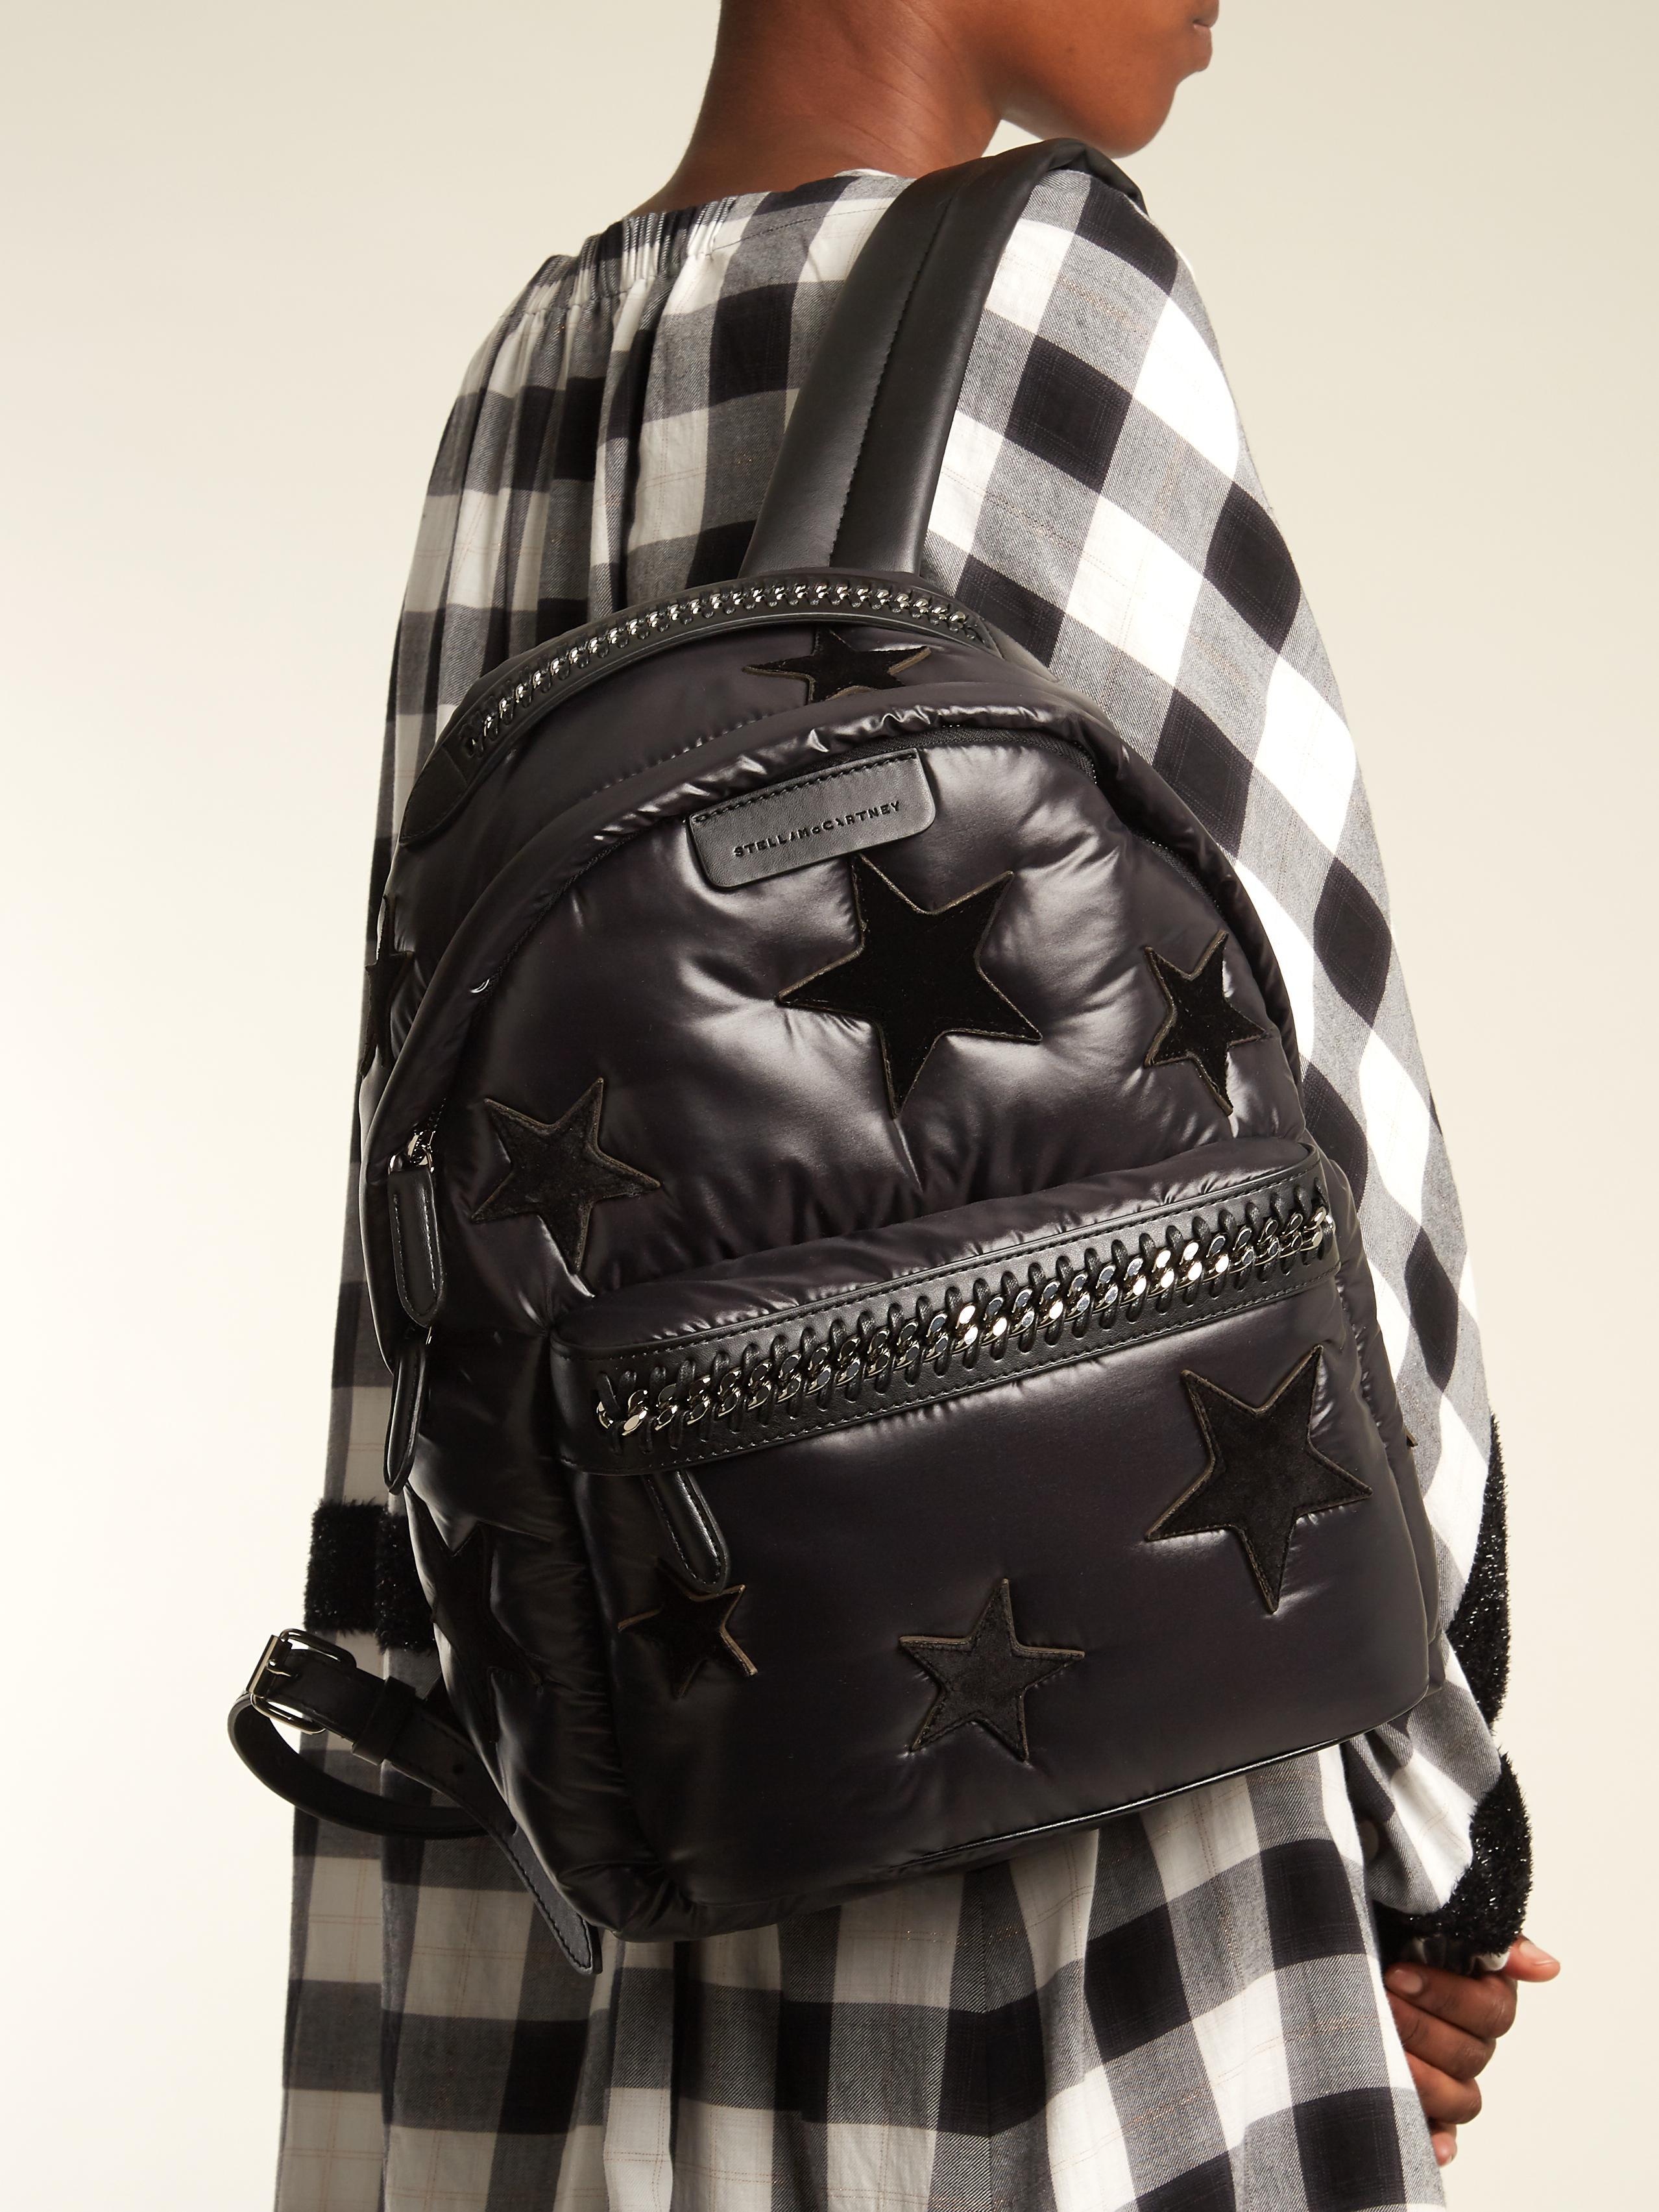 STELLA MCCARTNEY Falabella Go padded eco-nylon backpack的圖片搜尋結果